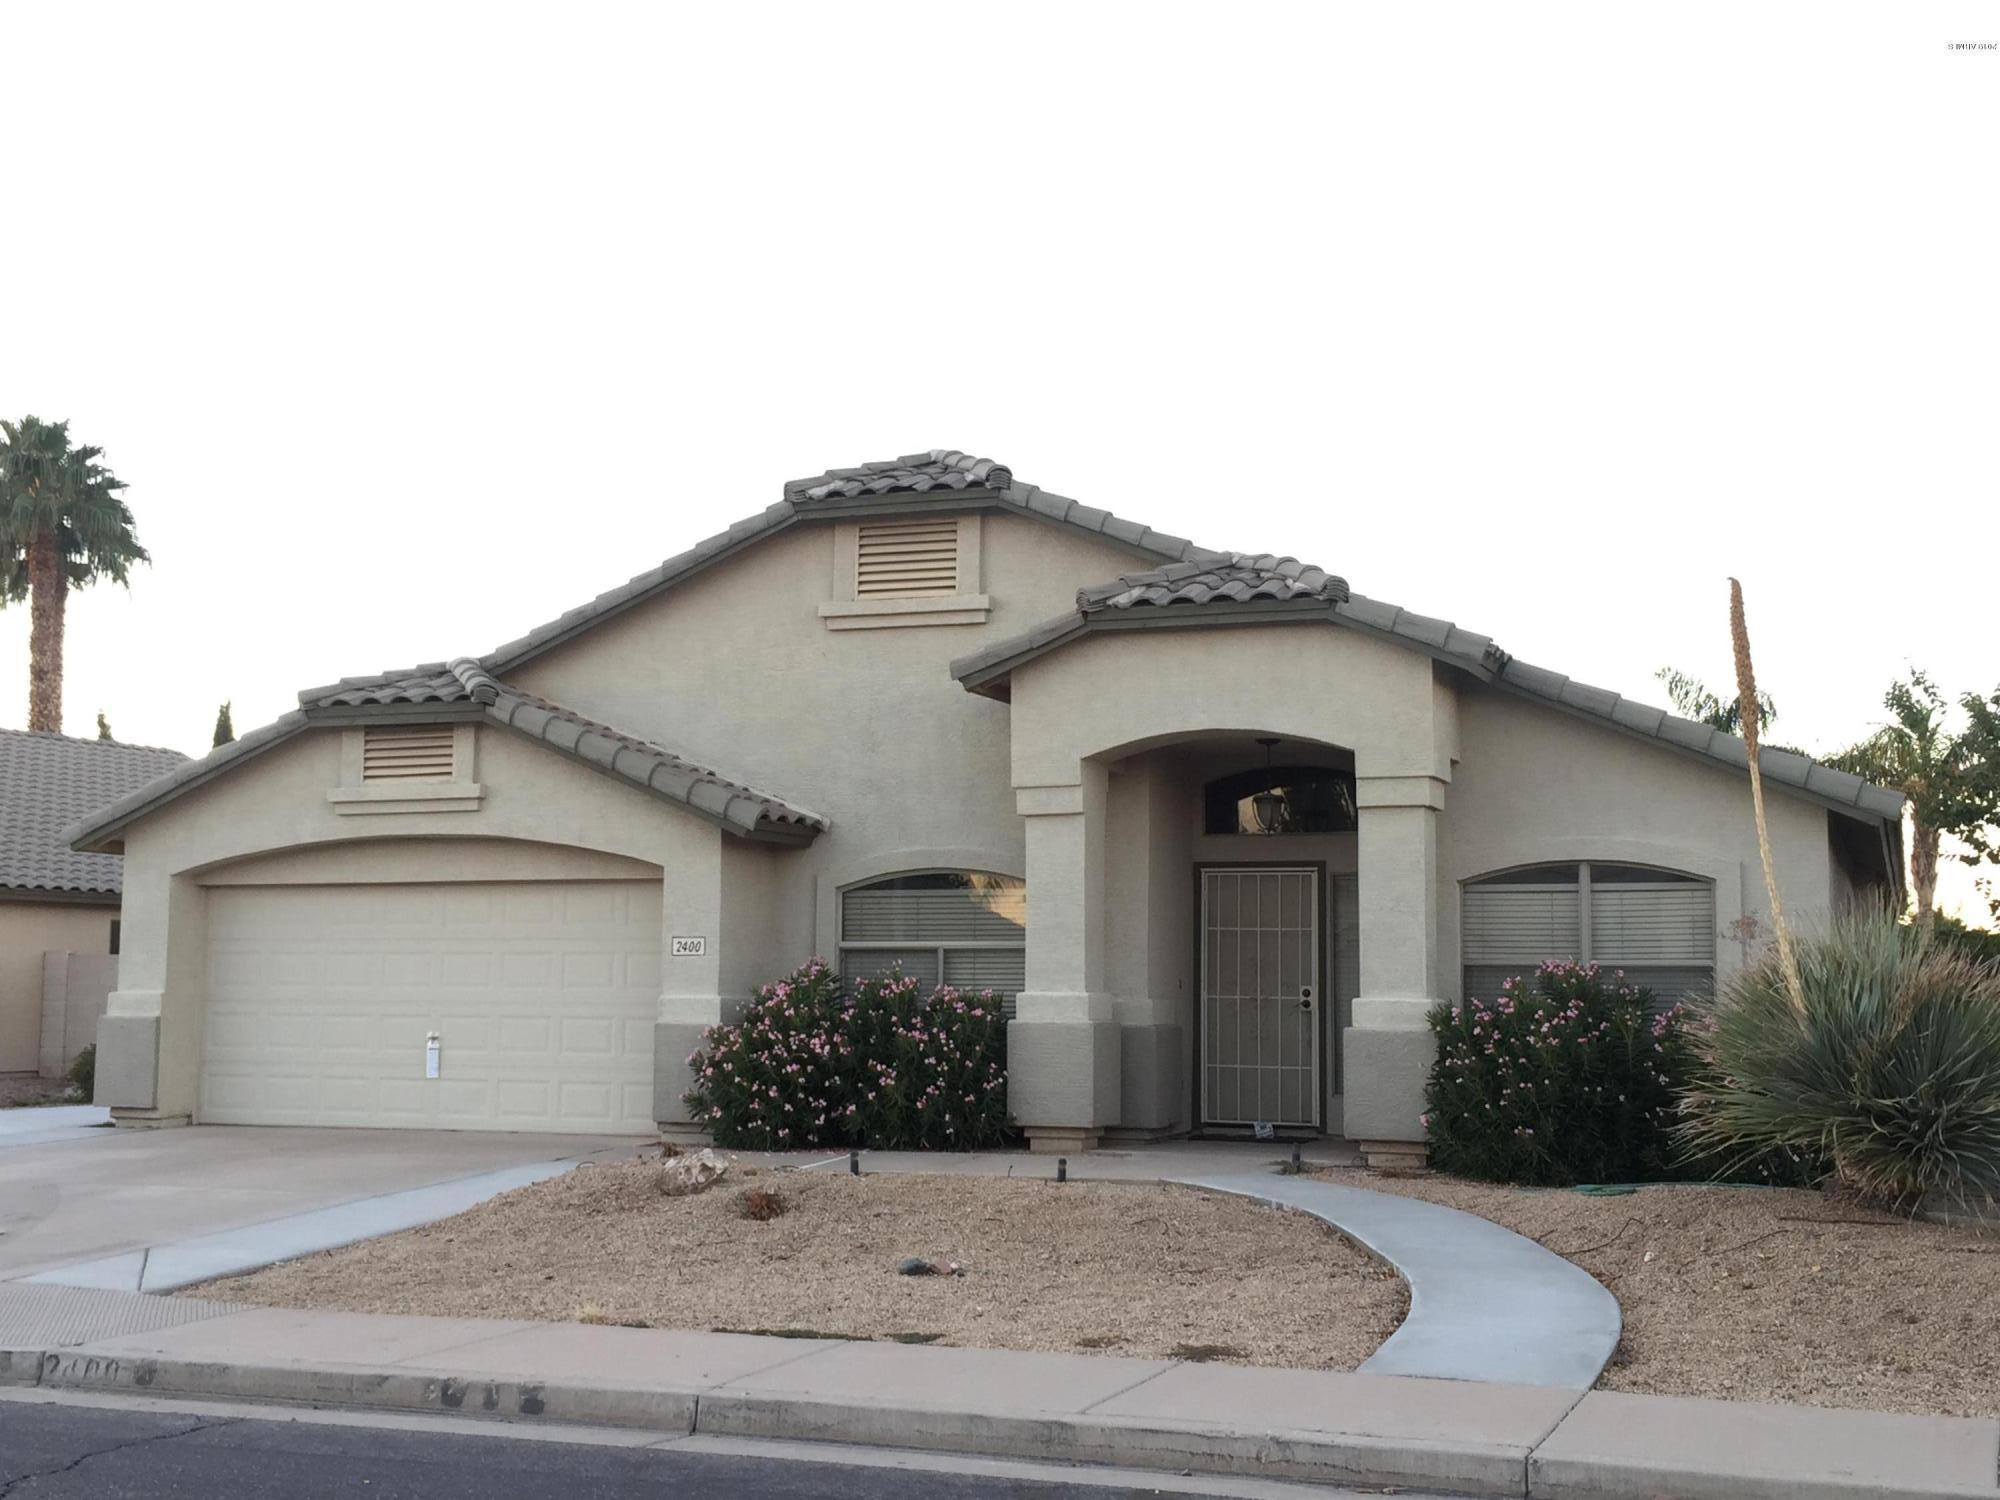 Photo of 2400 E WHITTEN Street, Chandler, AZ 85225